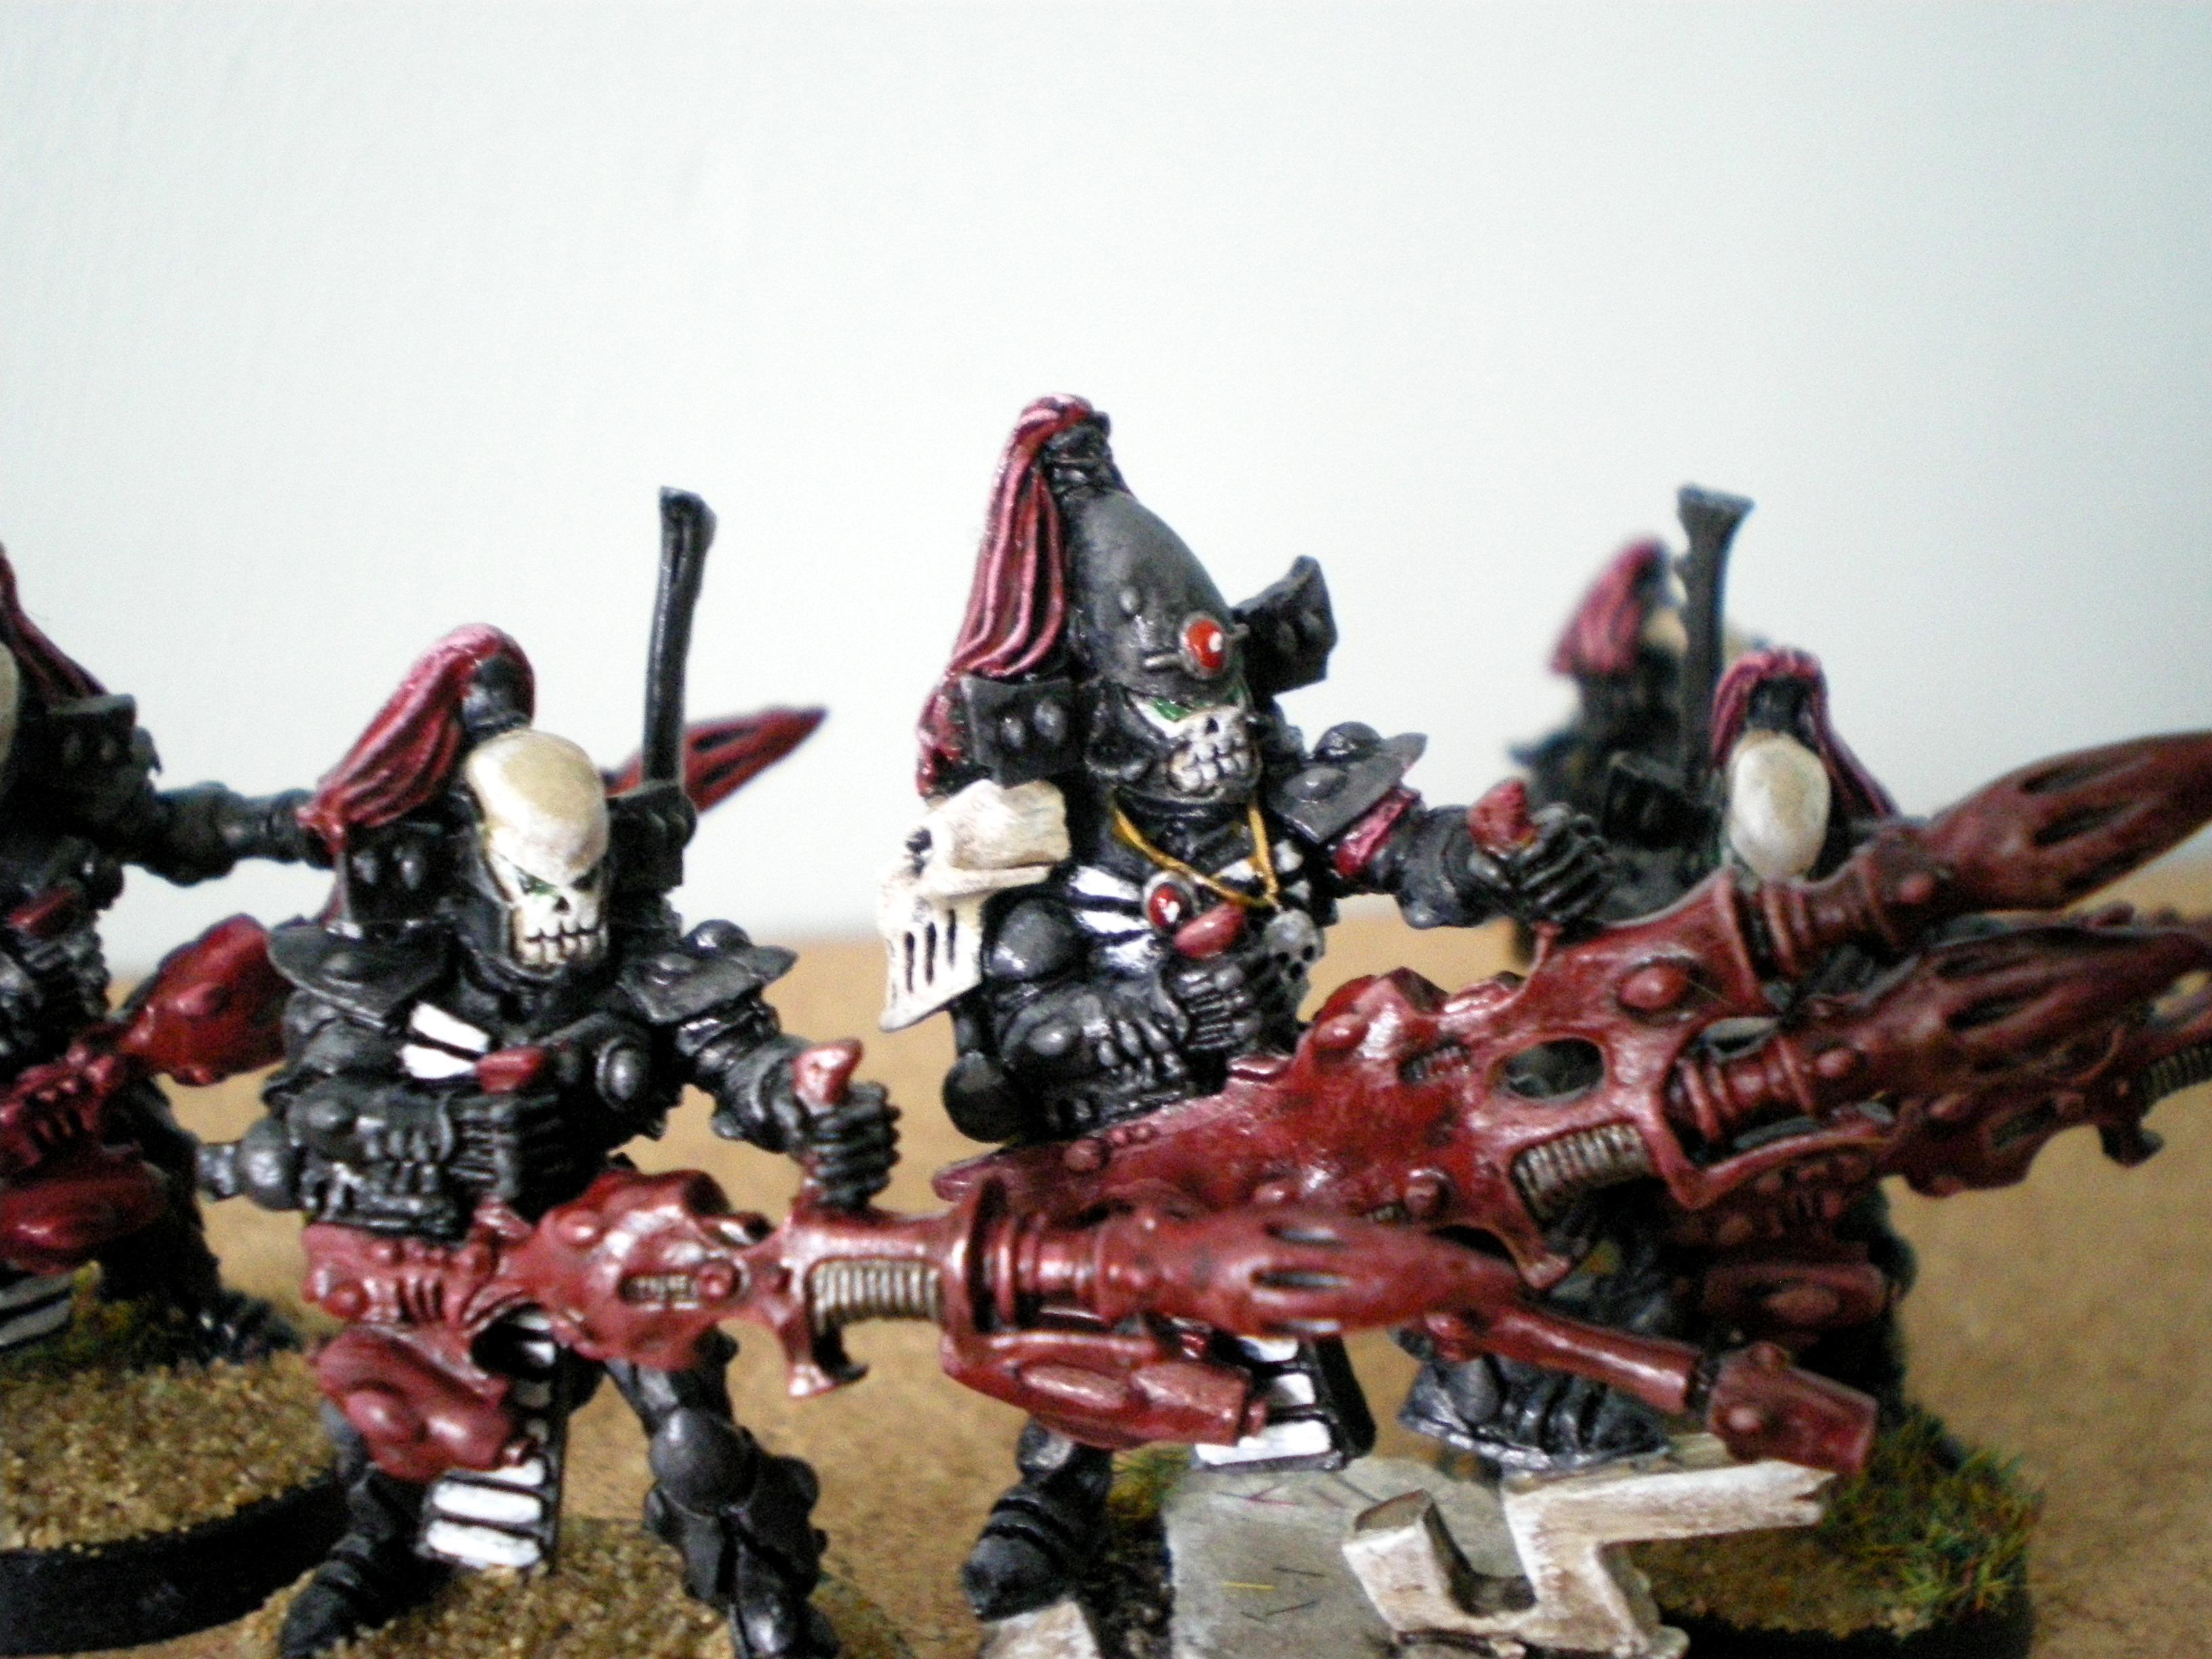 Eldar, Reapers, Warhammer 40,000